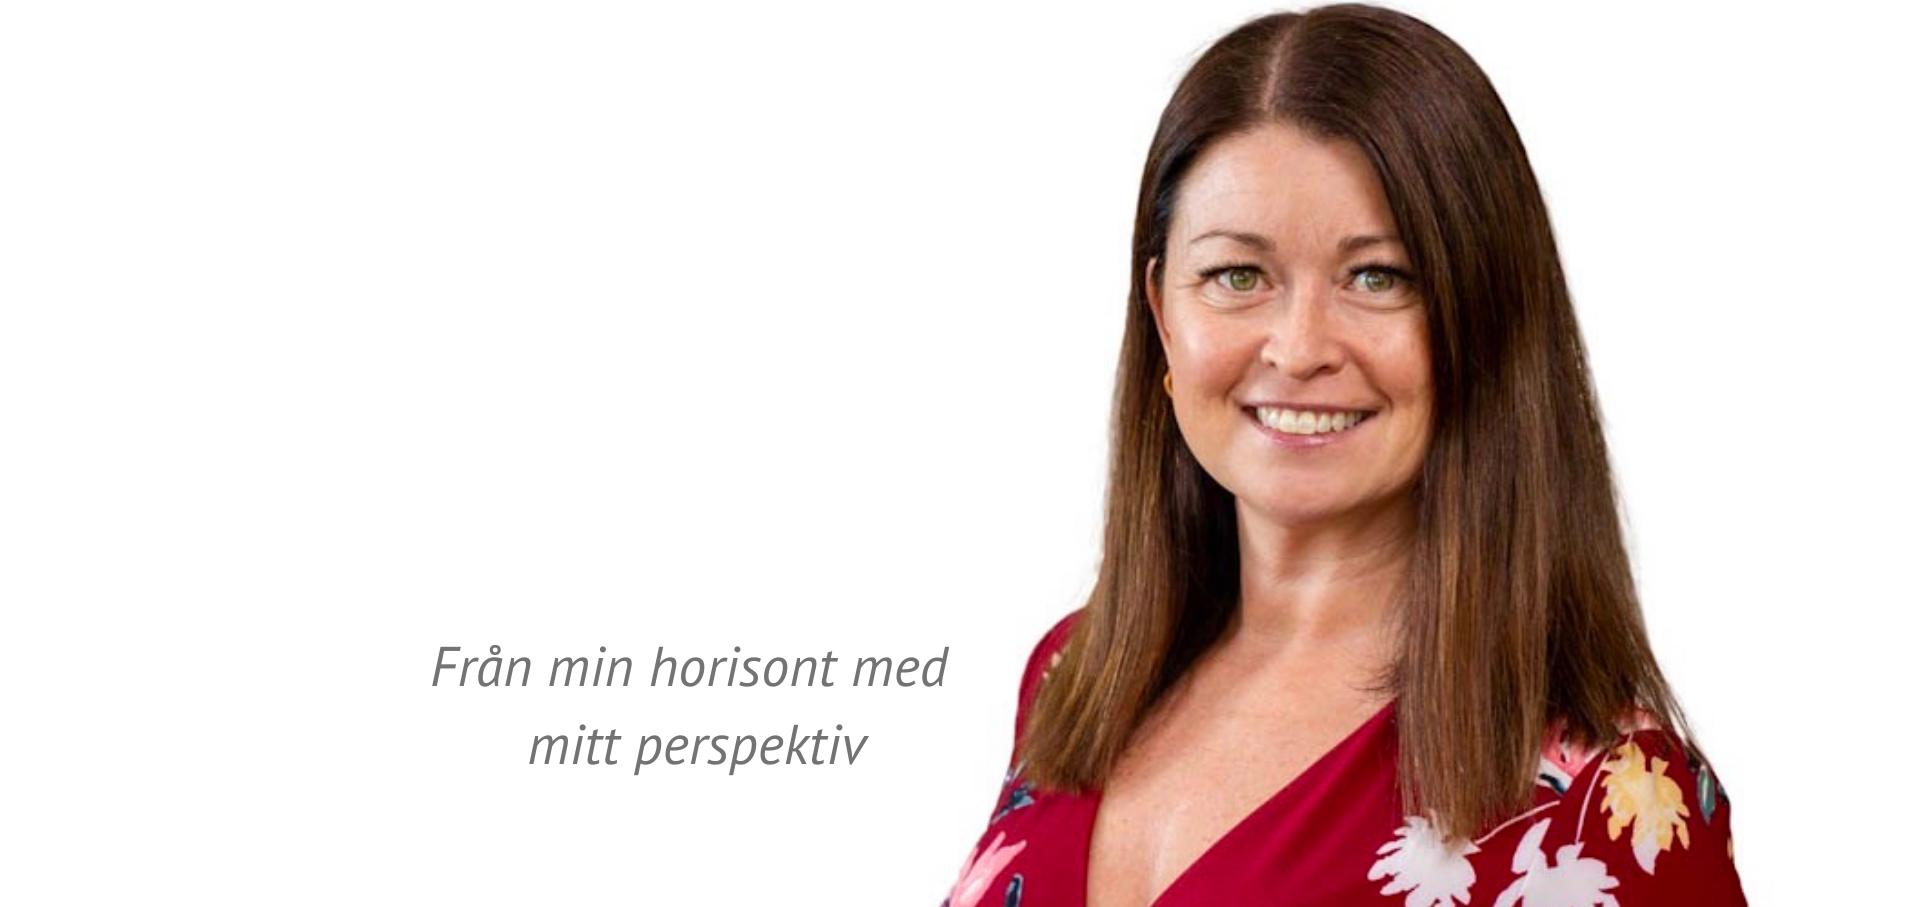 Åsa Ågren Wikström